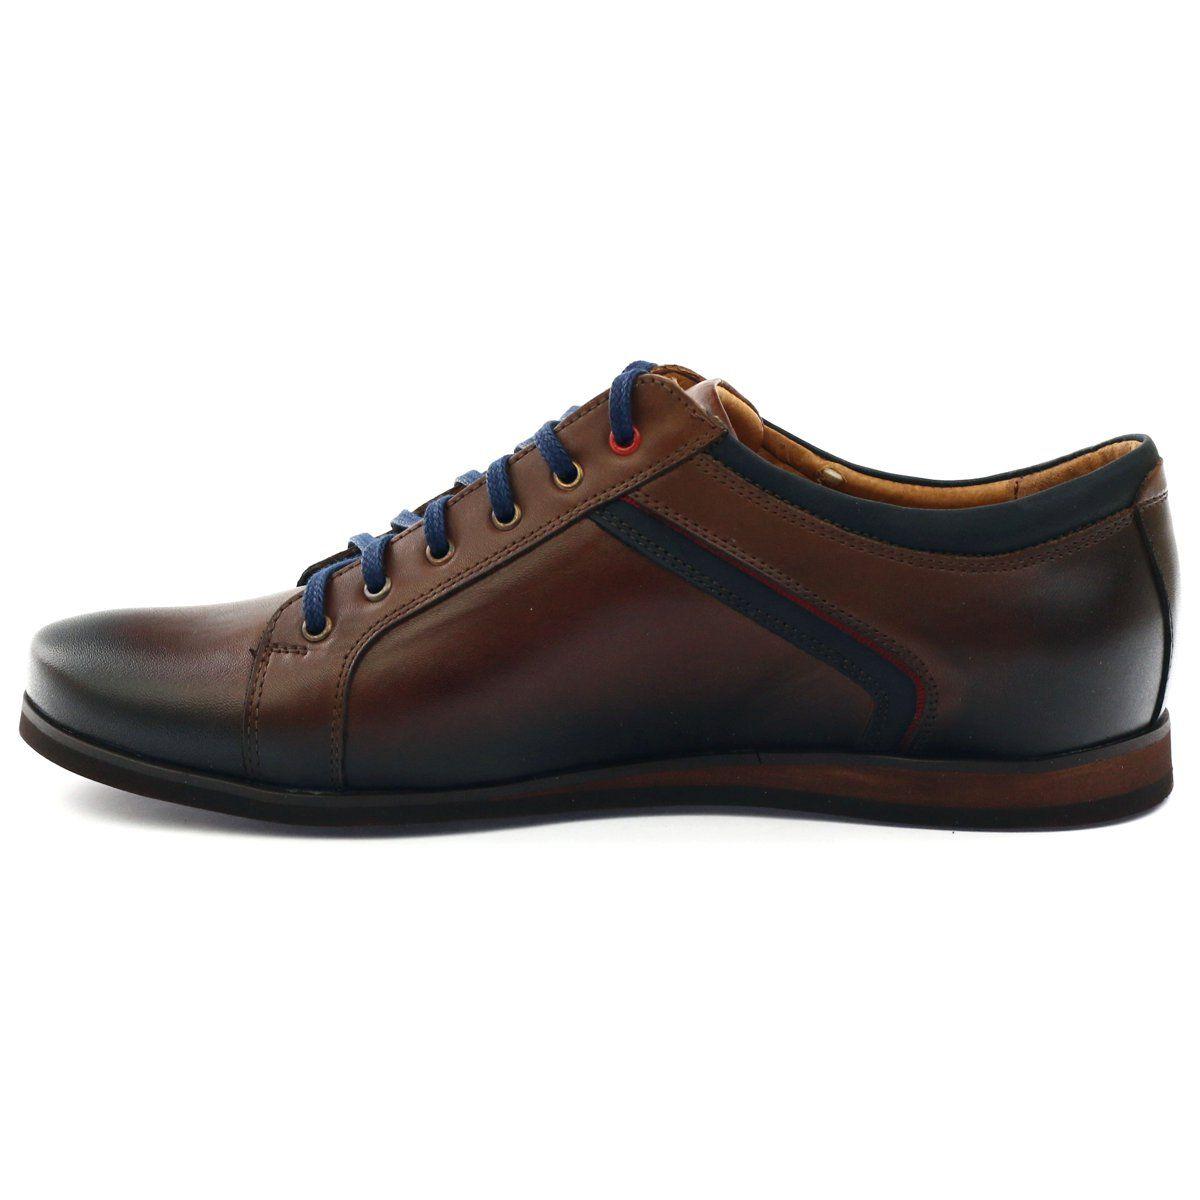 Polbuty Meskie Sportowe Nikopol 1580 Braz Brazowe Dress Shoes Men Oxford Shoes Men Dress